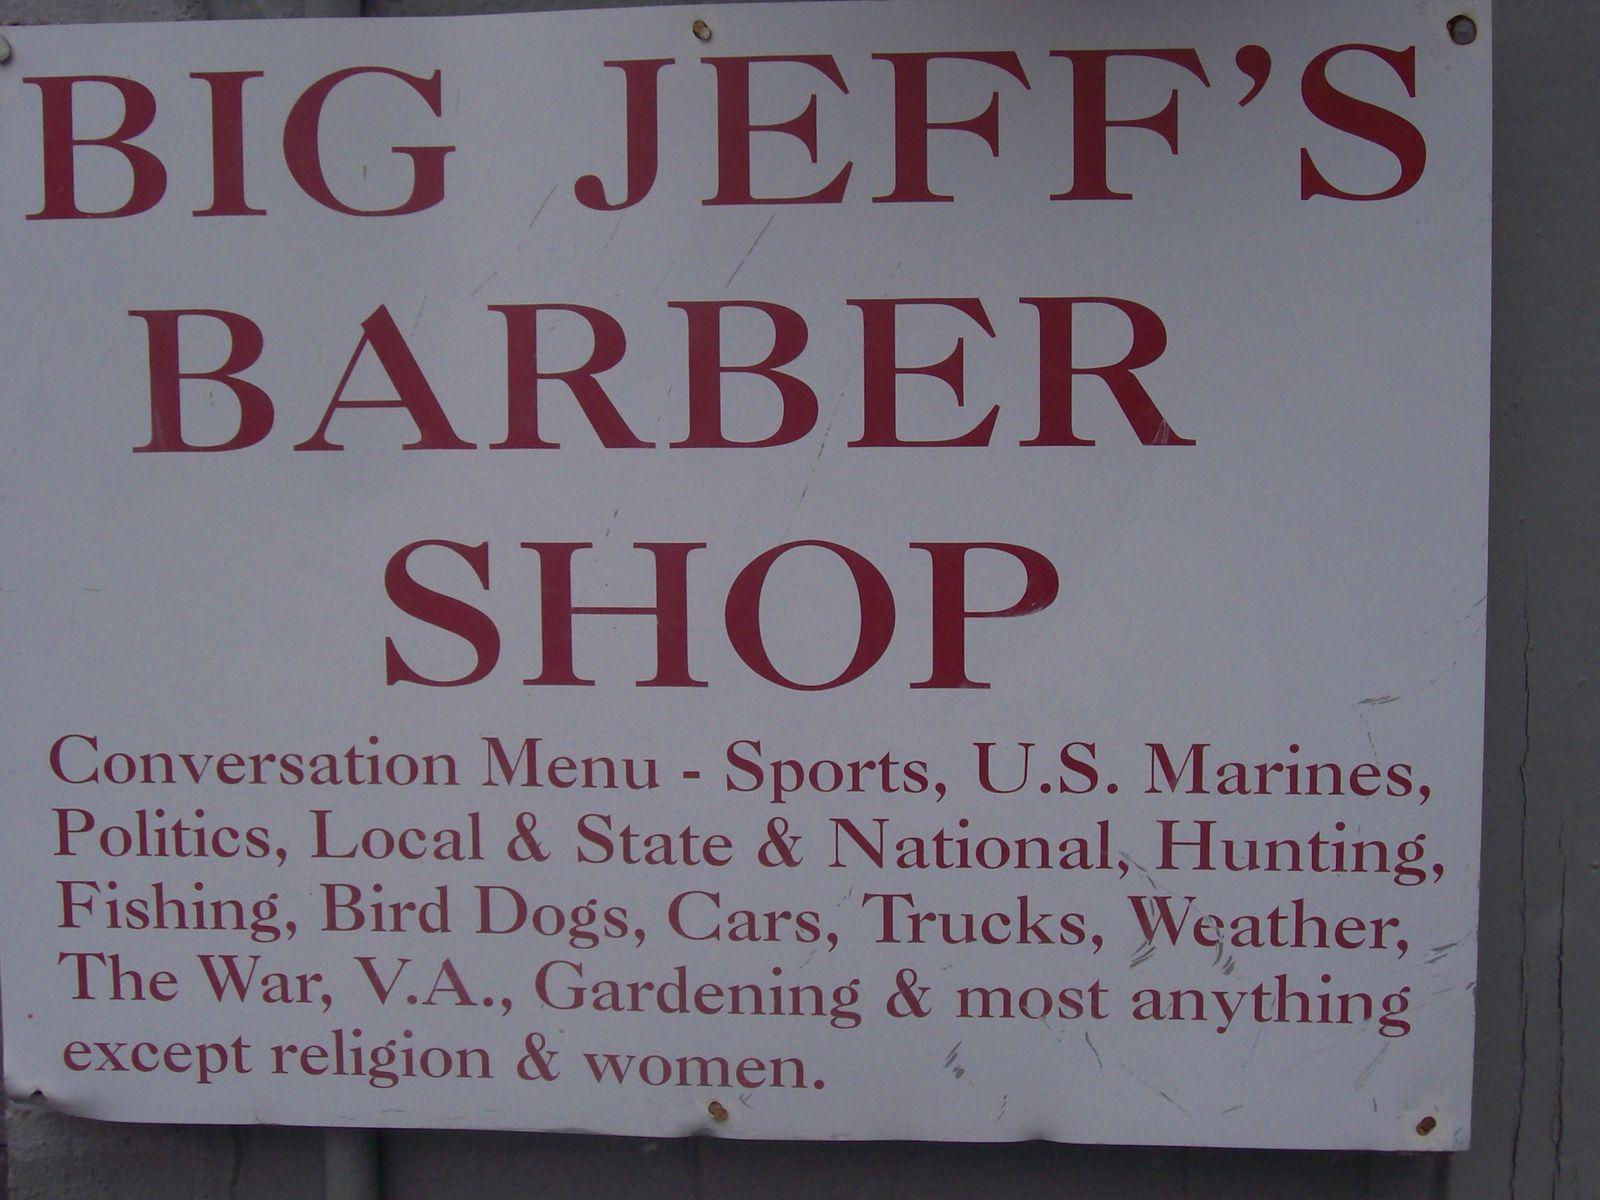 Le barber shop, une image forte de l'Amérique où l'on ne risque pas de mauvaises rencontres...